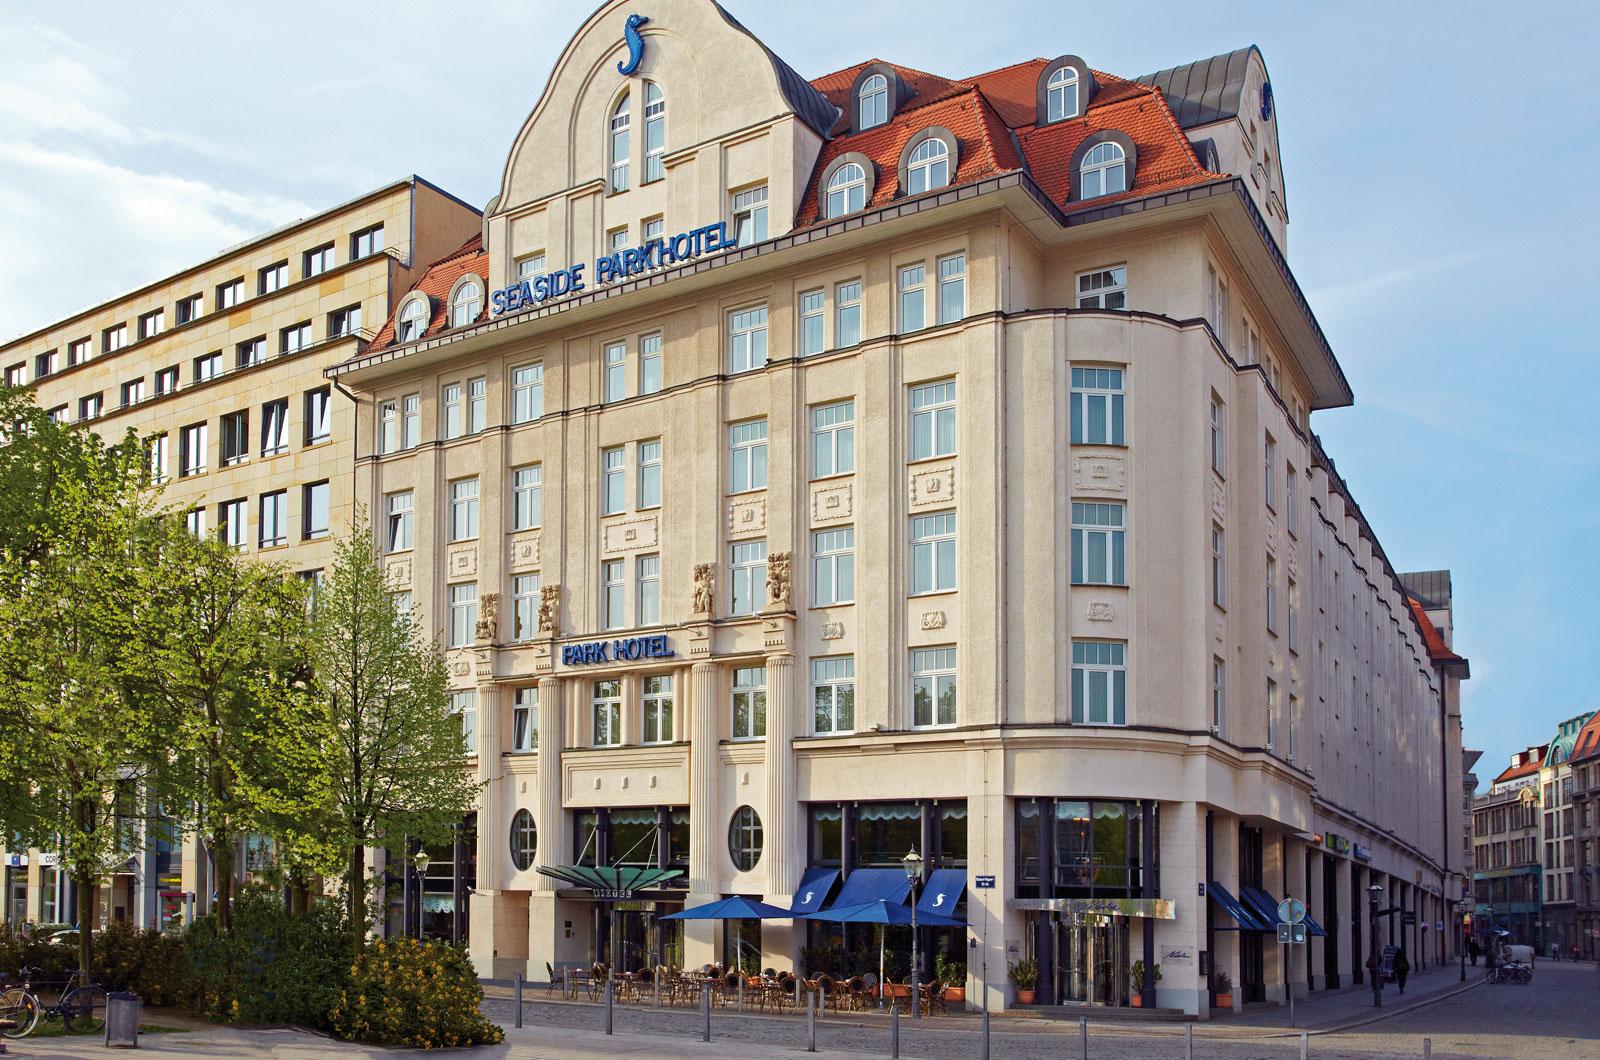 Seaside park hotel ihre zentrale unterkunft in leipzig for Designhotel leipzig